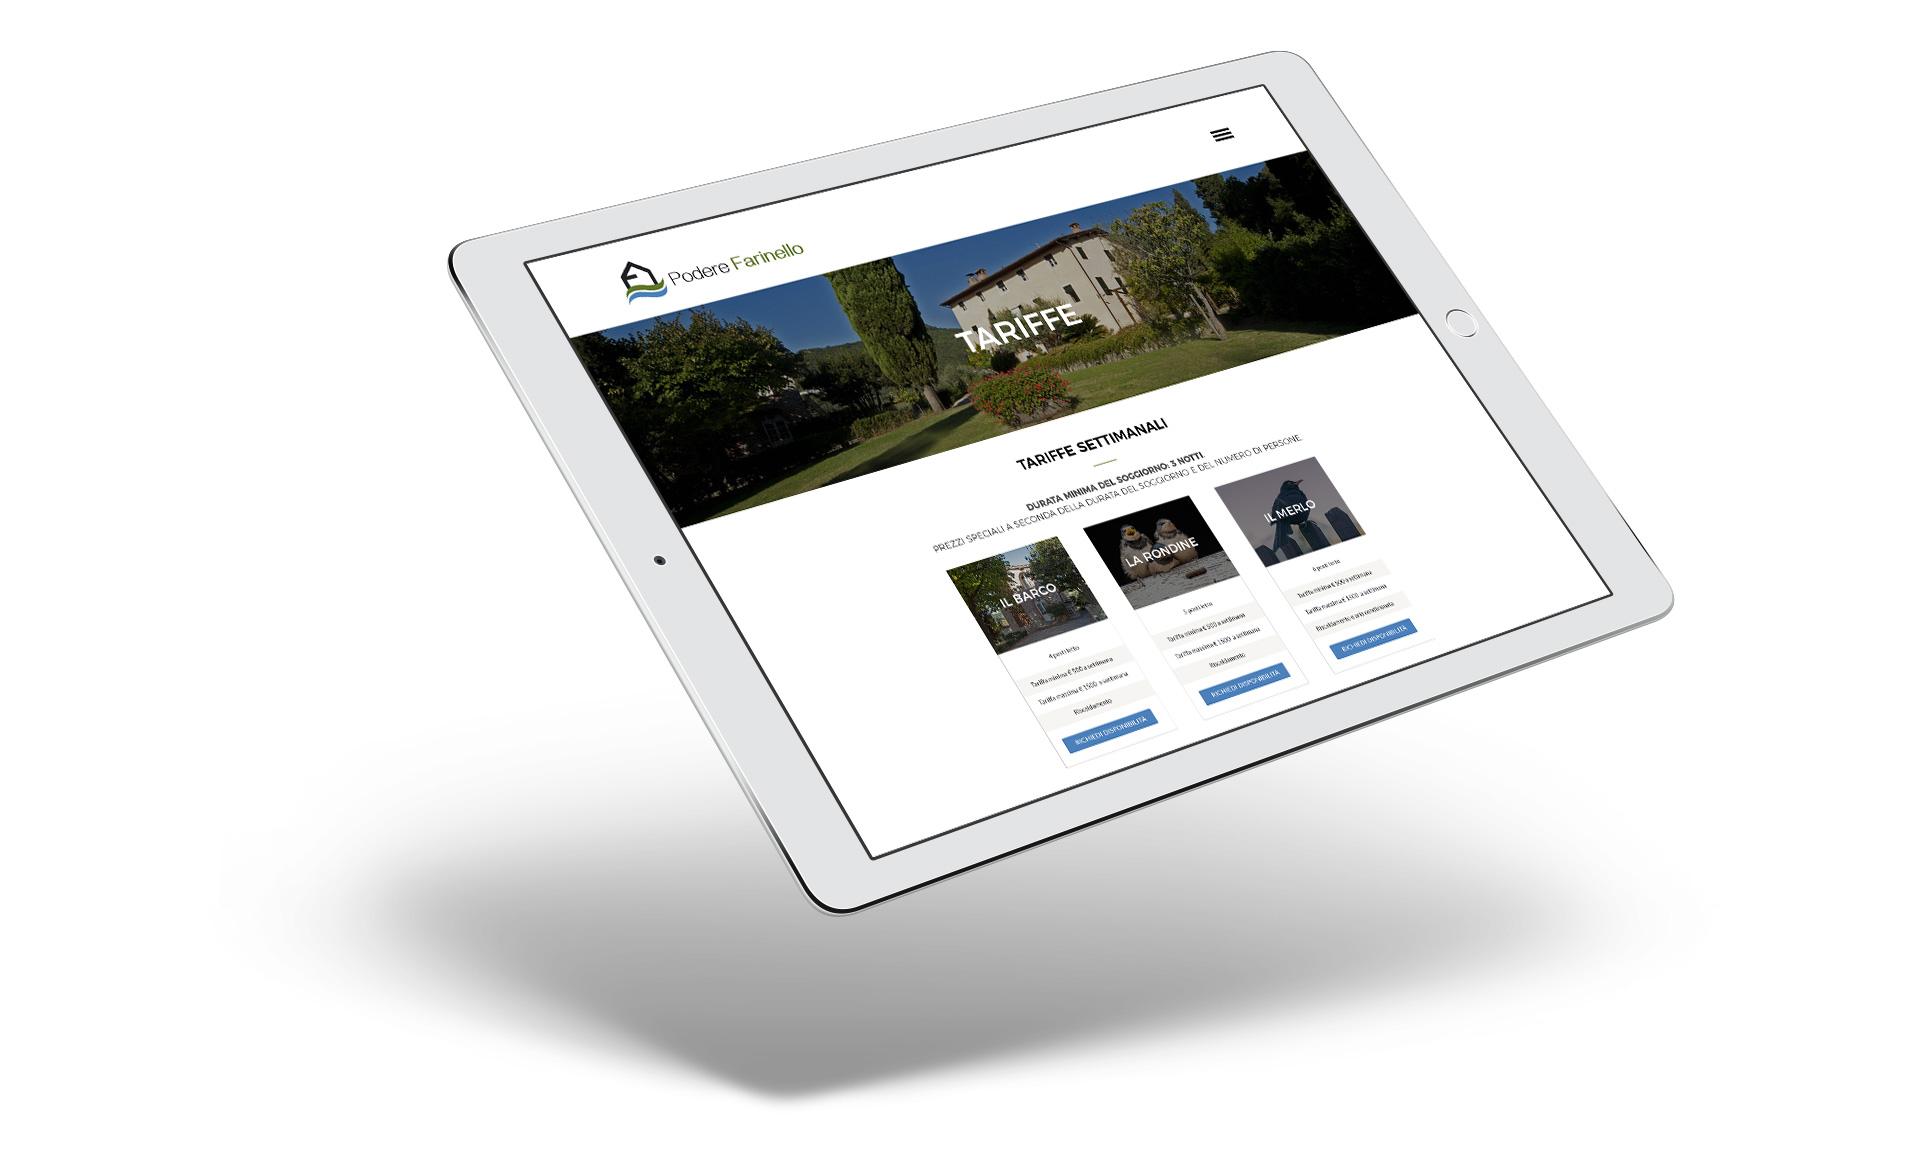 Immagine su tablet del sito di Podere Farinello realizzato da MirabolaMente